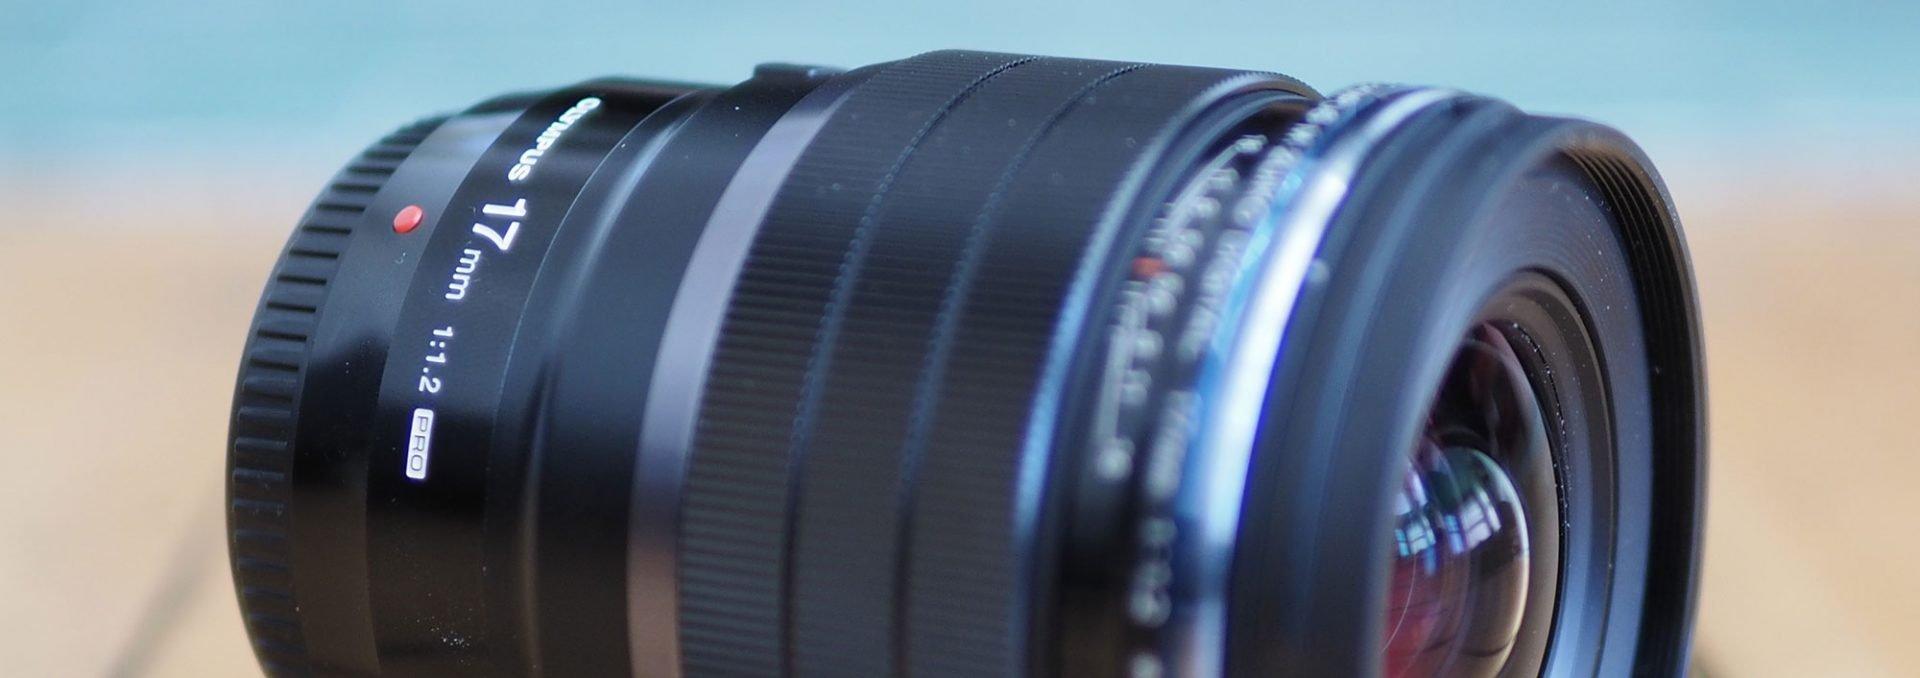 olympus-17mm-f1-2-pro-header1